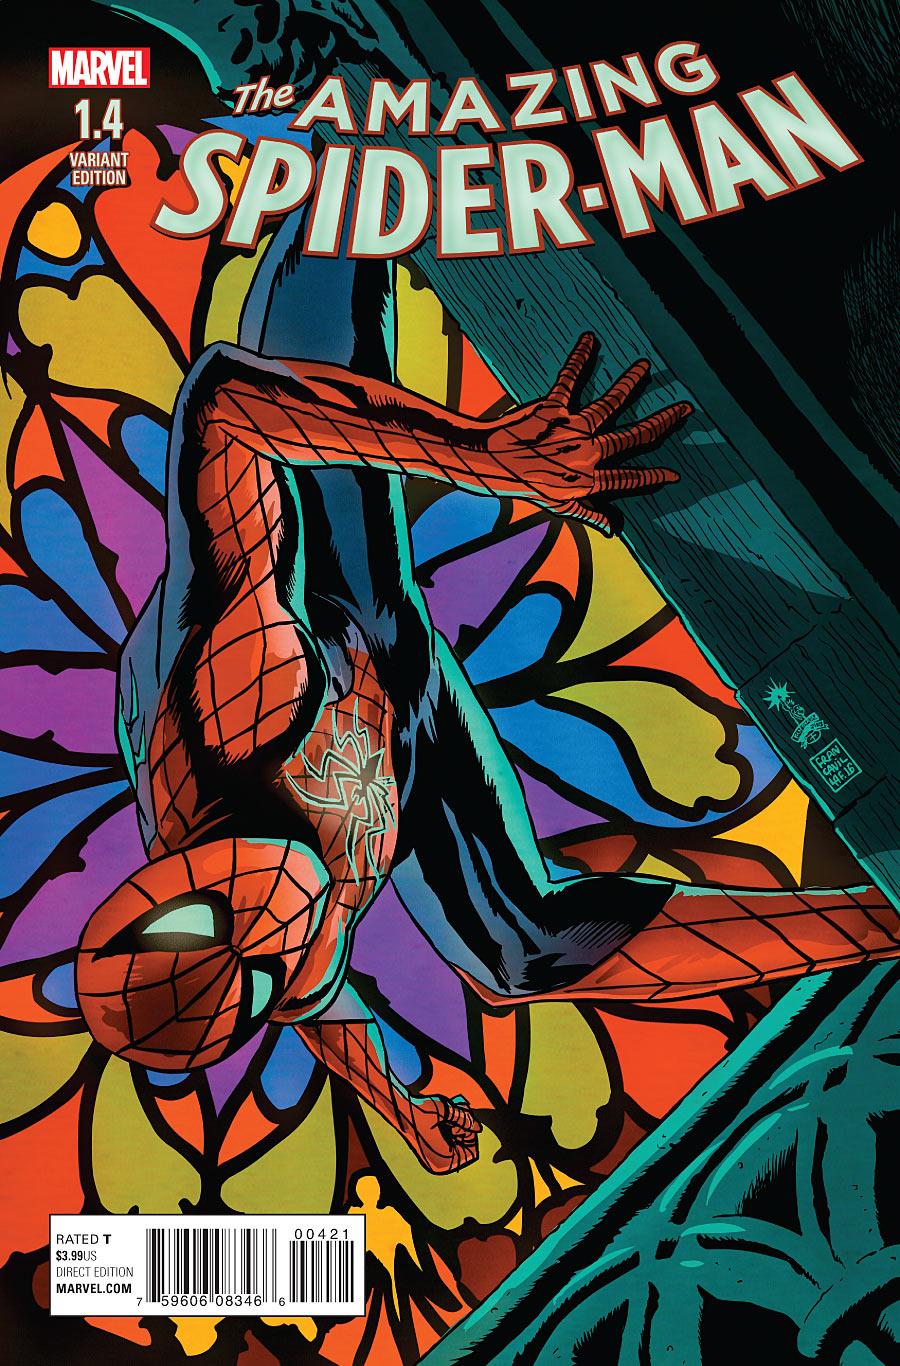 Amazing Spider-Man Vol 4 1.4 Francavilla Variant.jpg